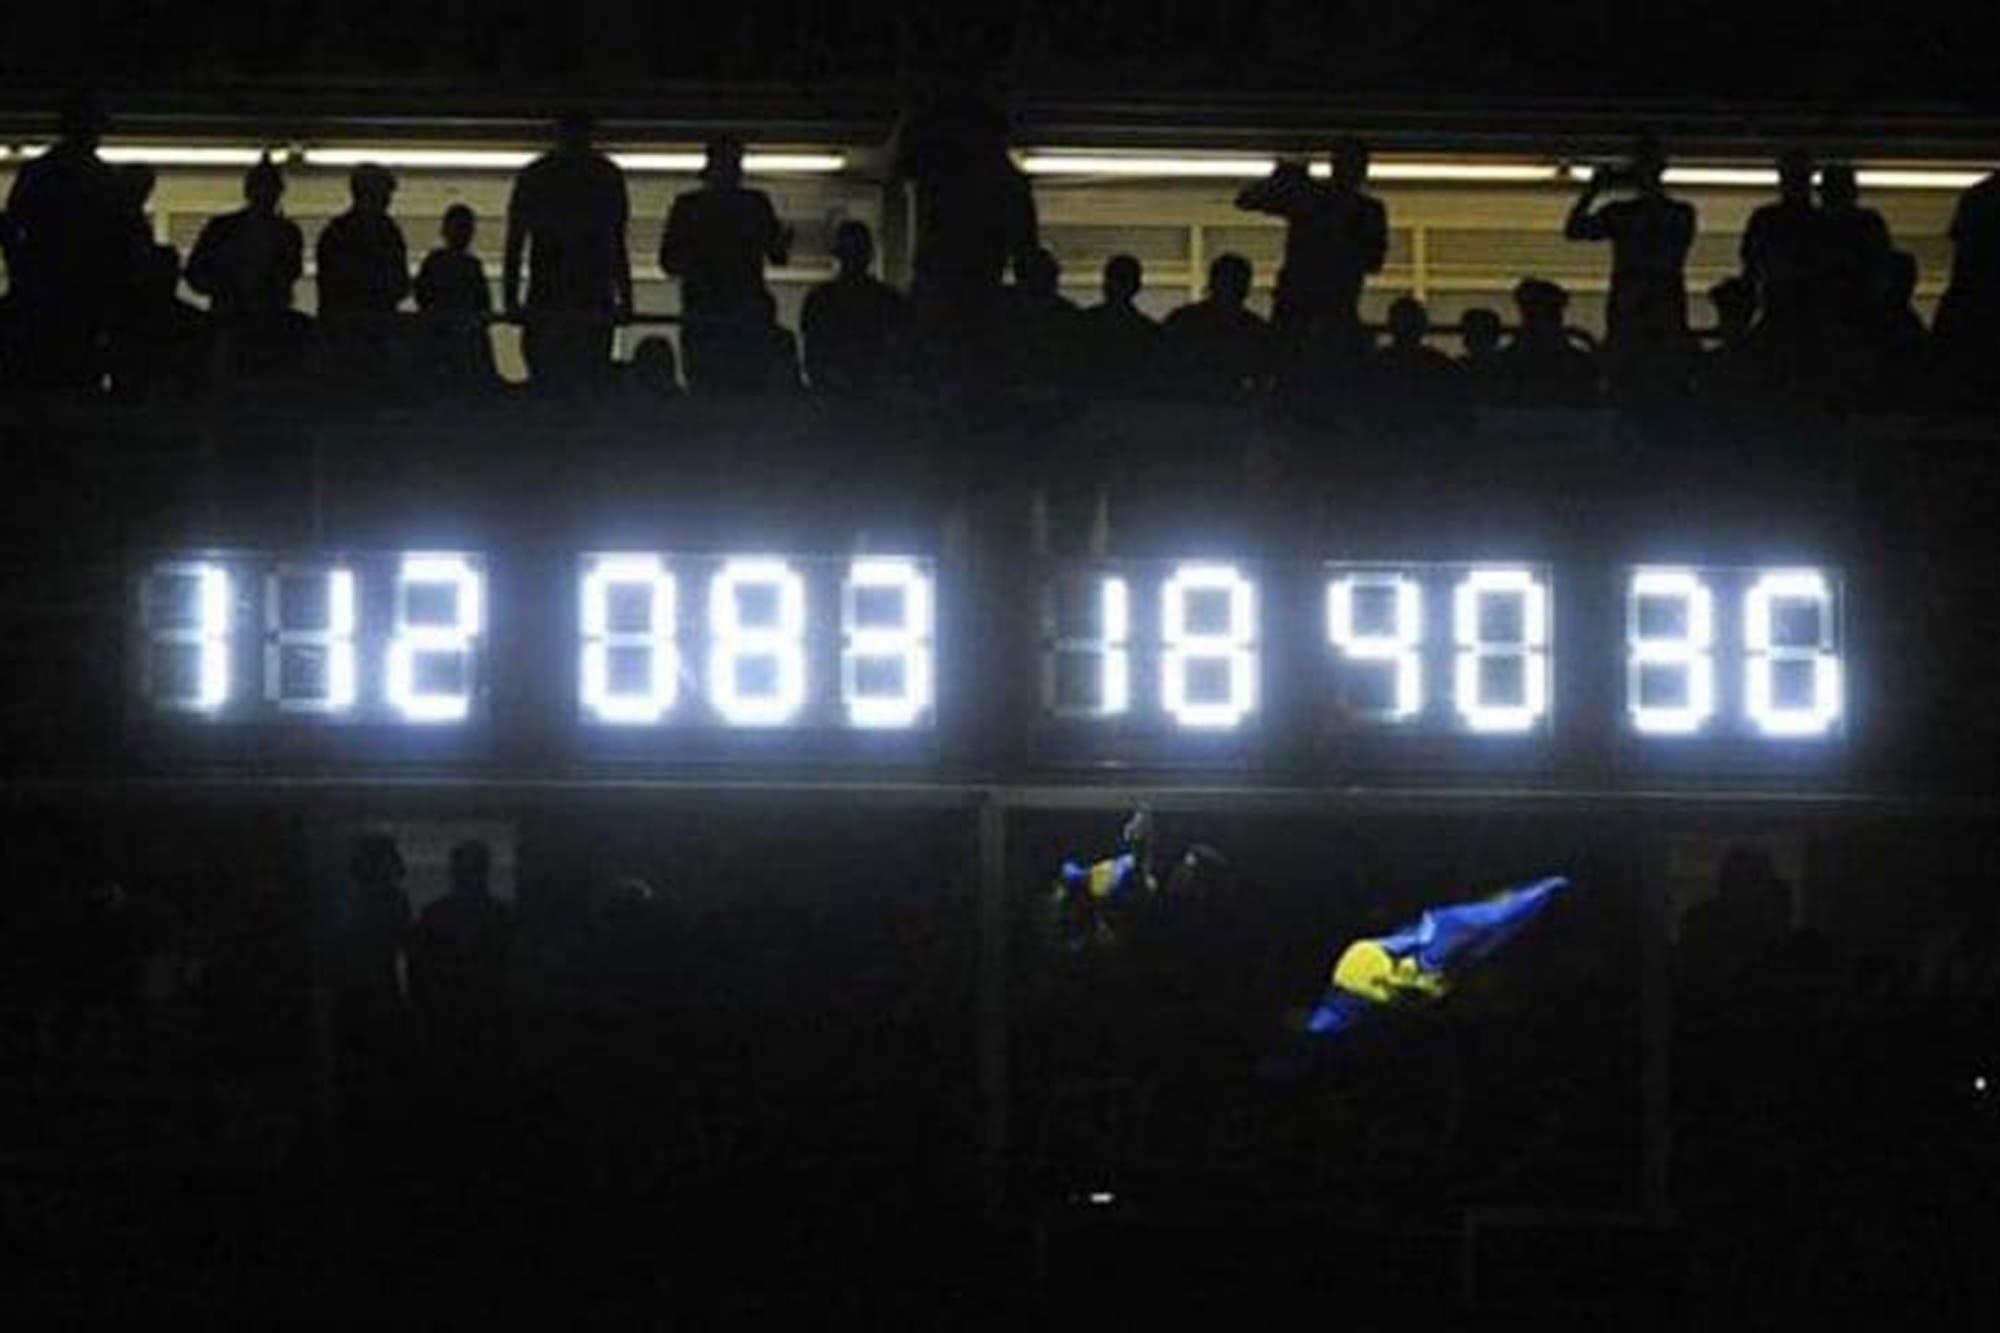 Adiós al morbo de Boca: quitaron el reloj que contaba los años sin descender